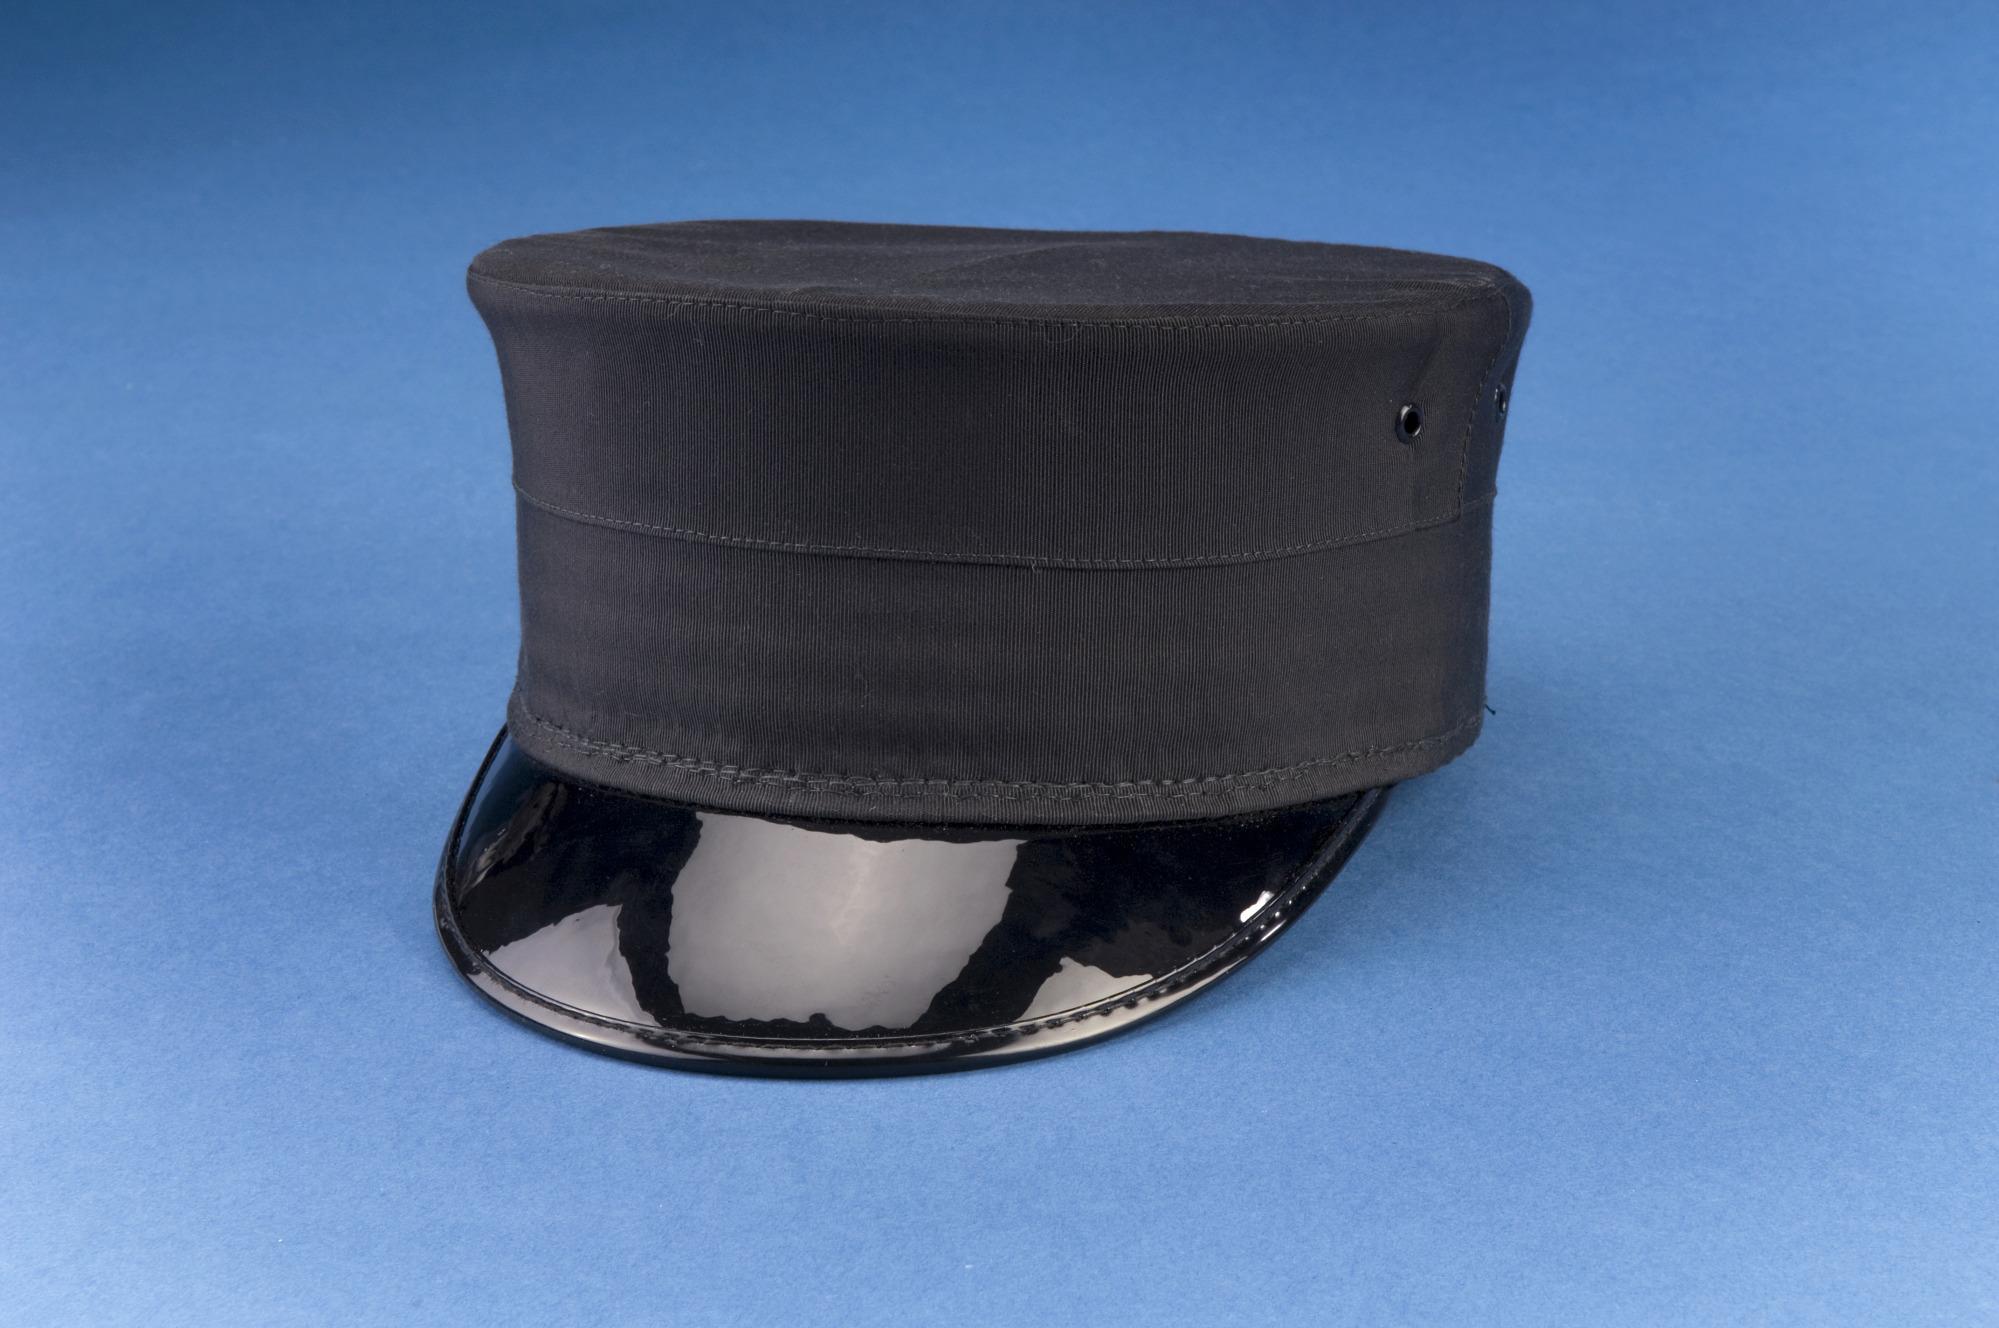 Railroad conductor's cap, 1920s–1940s